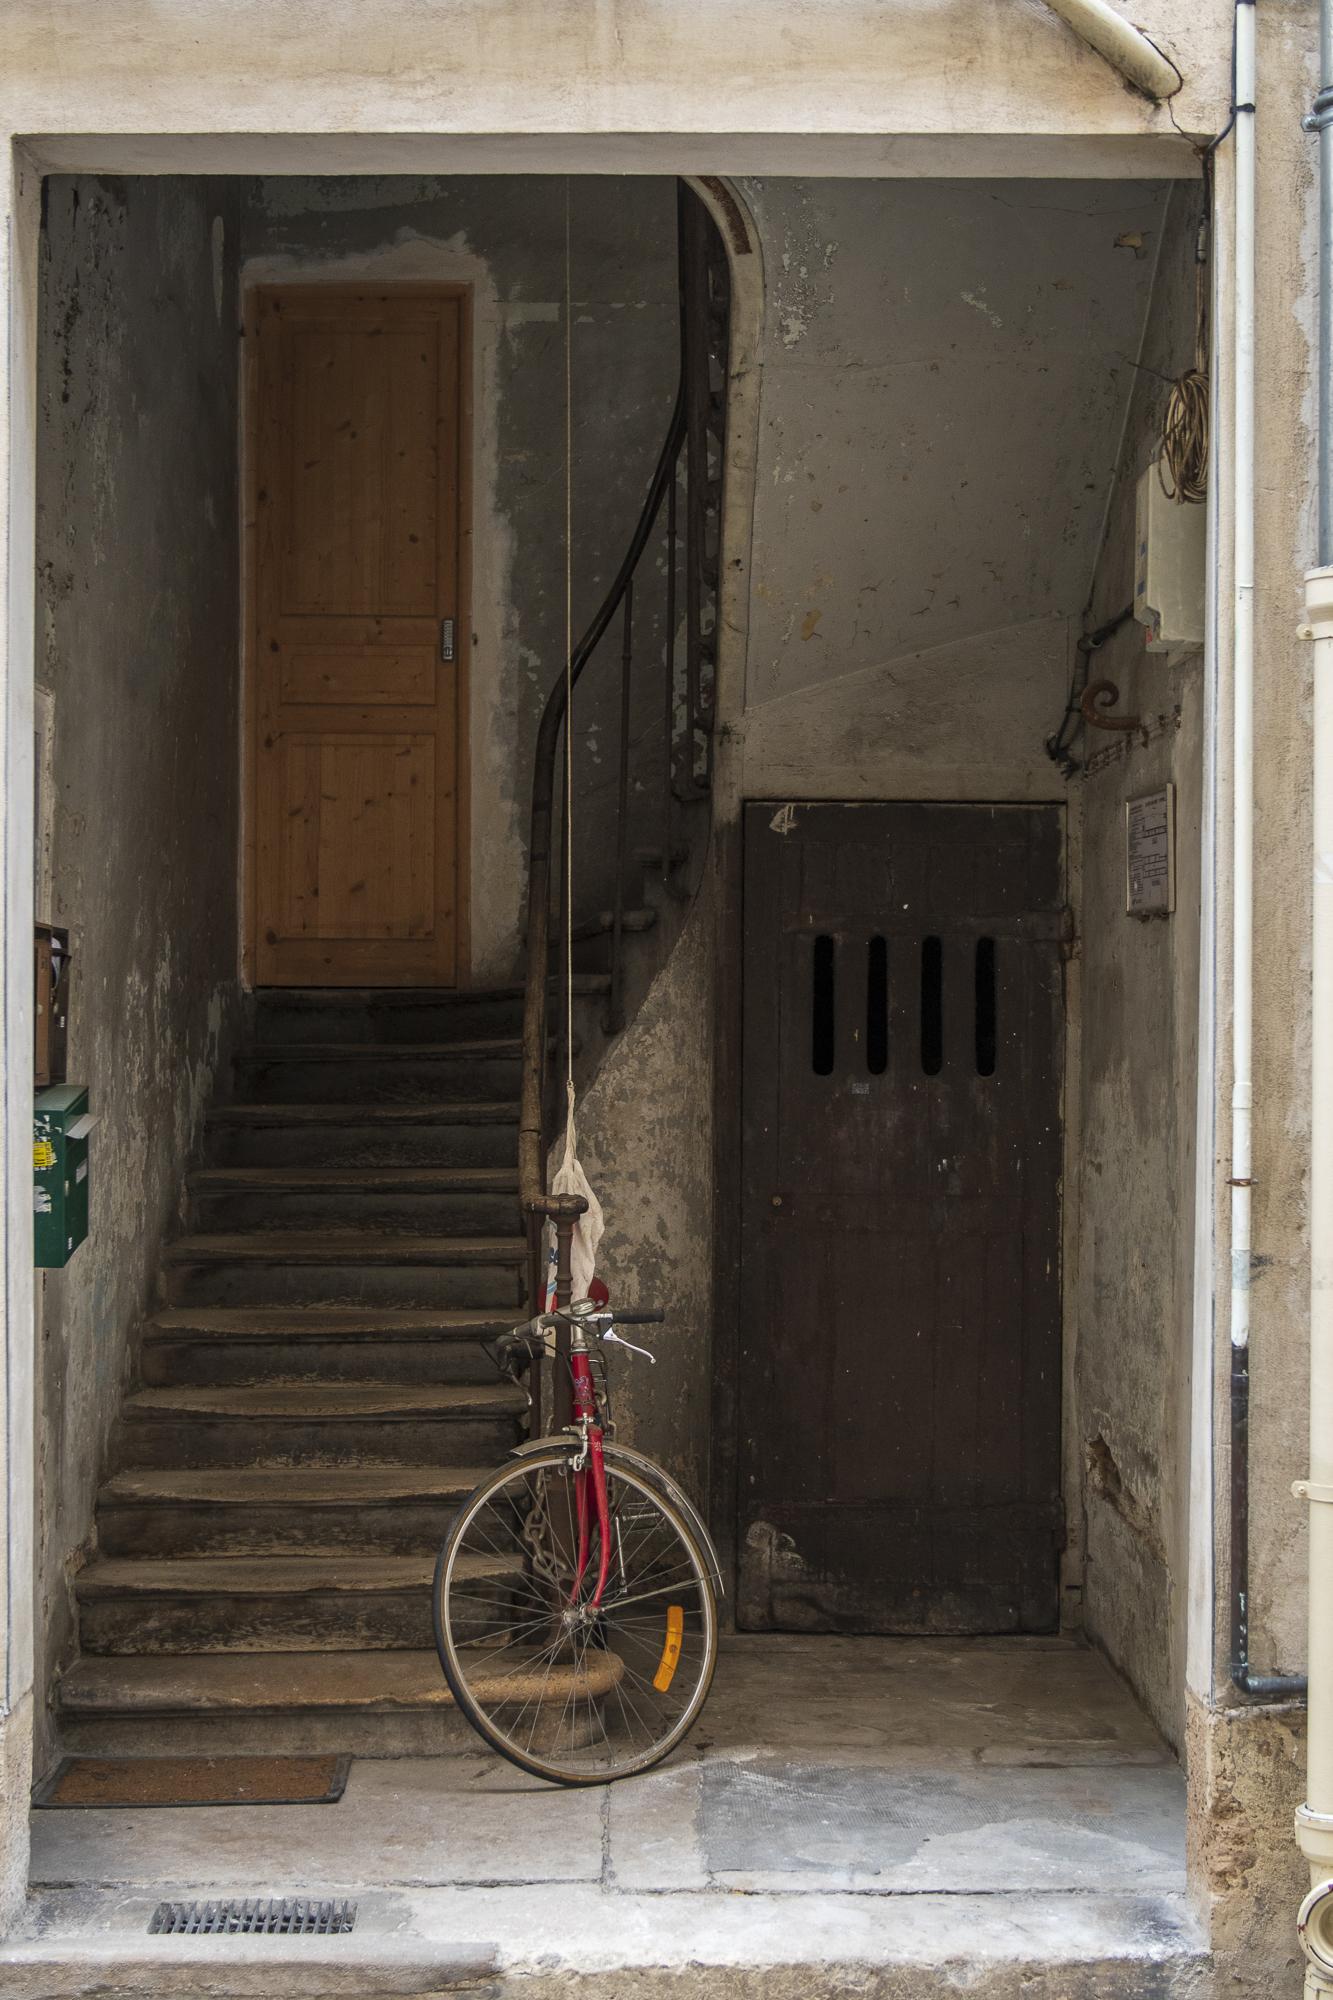 Rue du Faubourg saint-Antoine  PHOTOGRAPHY: ALEXANDER J.E. BRADLEY • NIKON D500 • AF-S NIKKOR 24-70mm ƒ/2.8G ED @ 36MM • Ƒ/2.8 • 1/125 • ISO 400